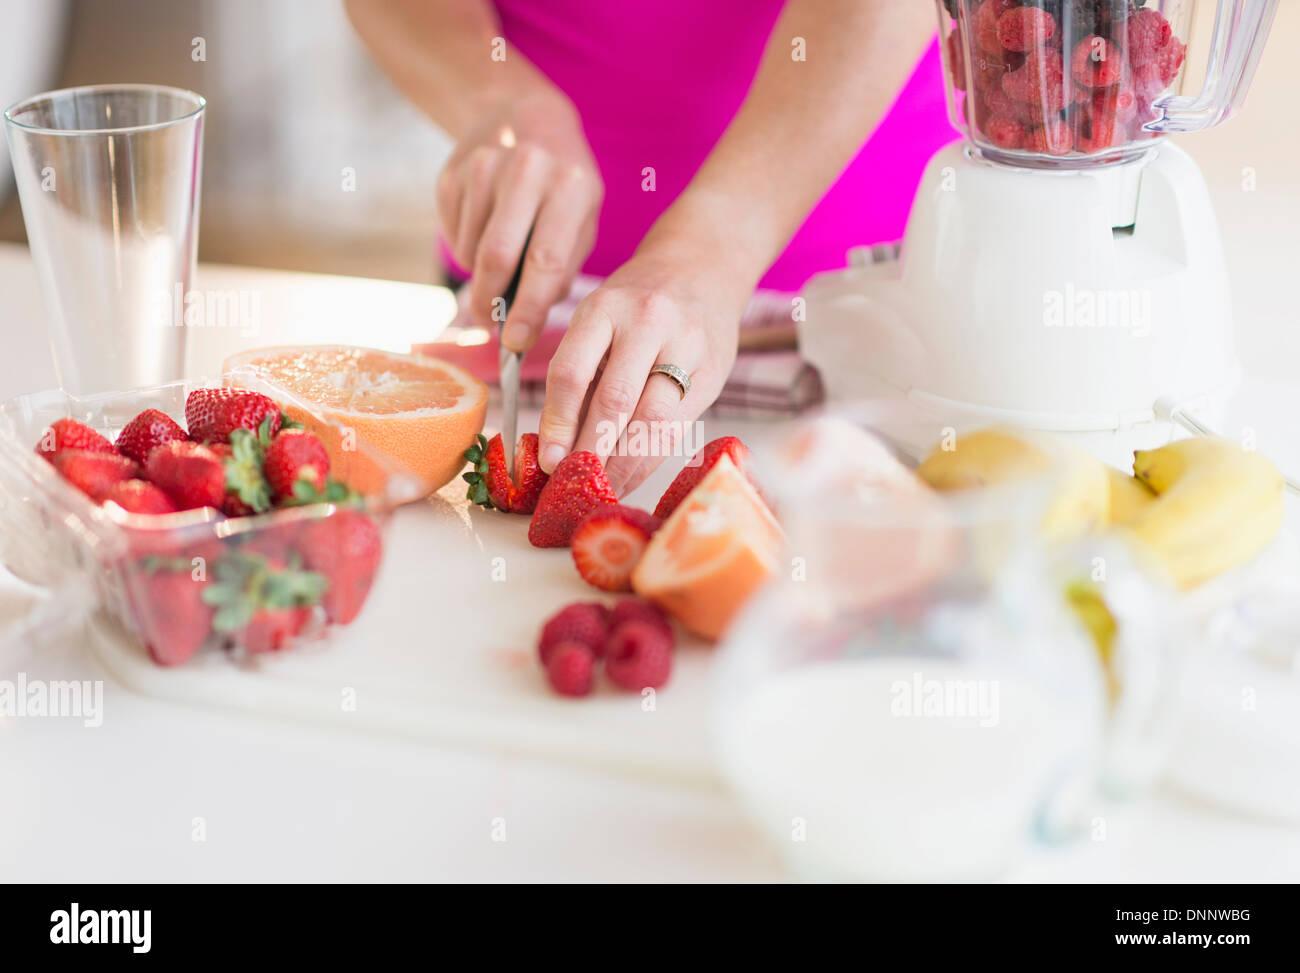 La donna per affettare le fragole Immagini Stock